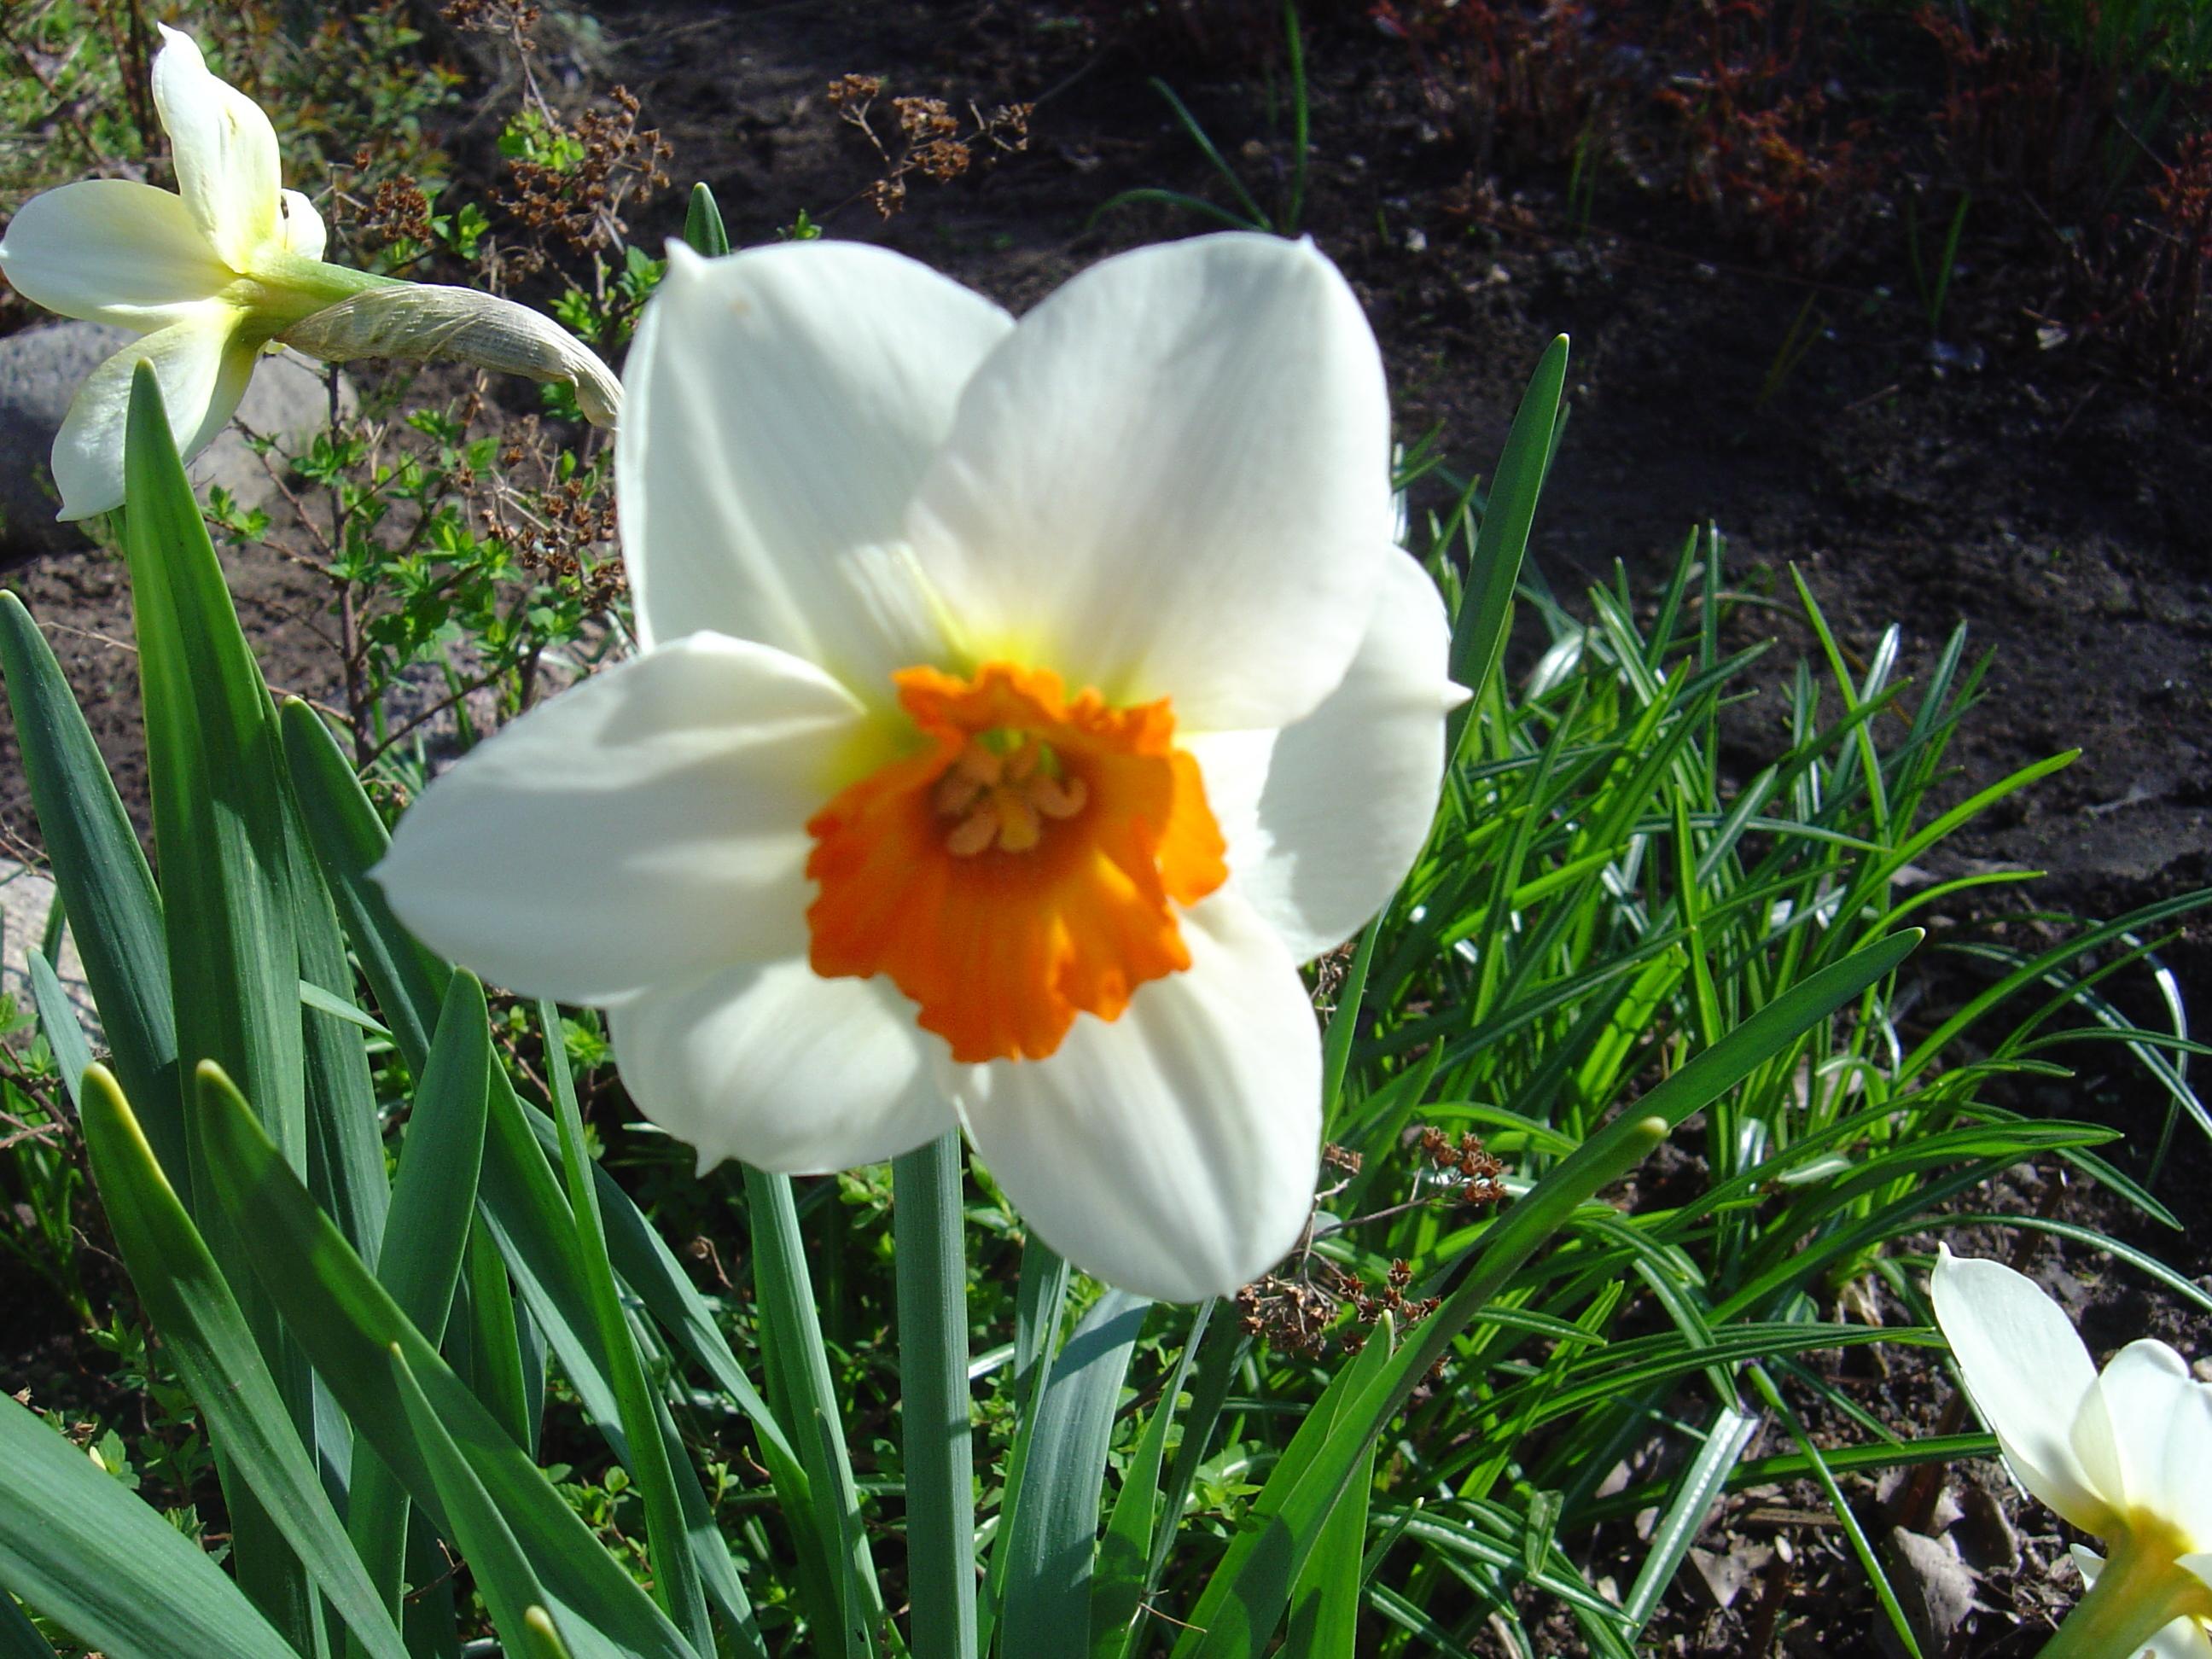 Нарцисс мелкокорончатый Barrett Browning. Продолжительность цветения 12-15 дней. Устойчив к болезням, хорошо размножается. Рекомендуется для выгонки в разные сроки и на срезку в открытом грунте.